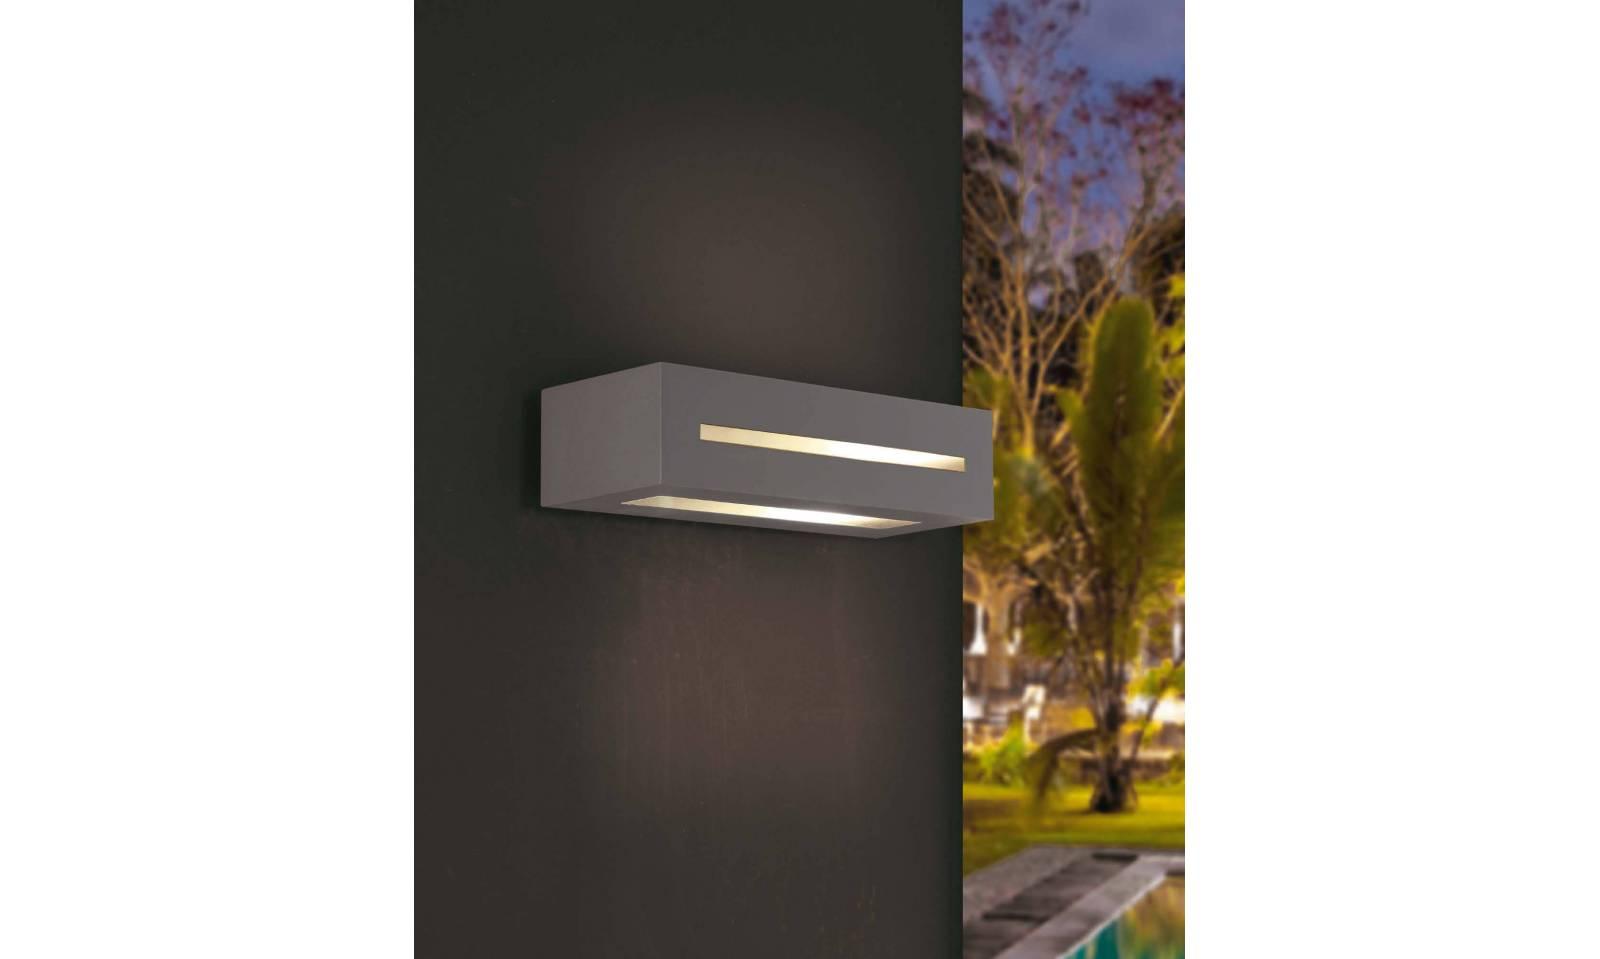 Applique da esterno giardino qoo10 energia solare led for Applique da esterno leroy merlin